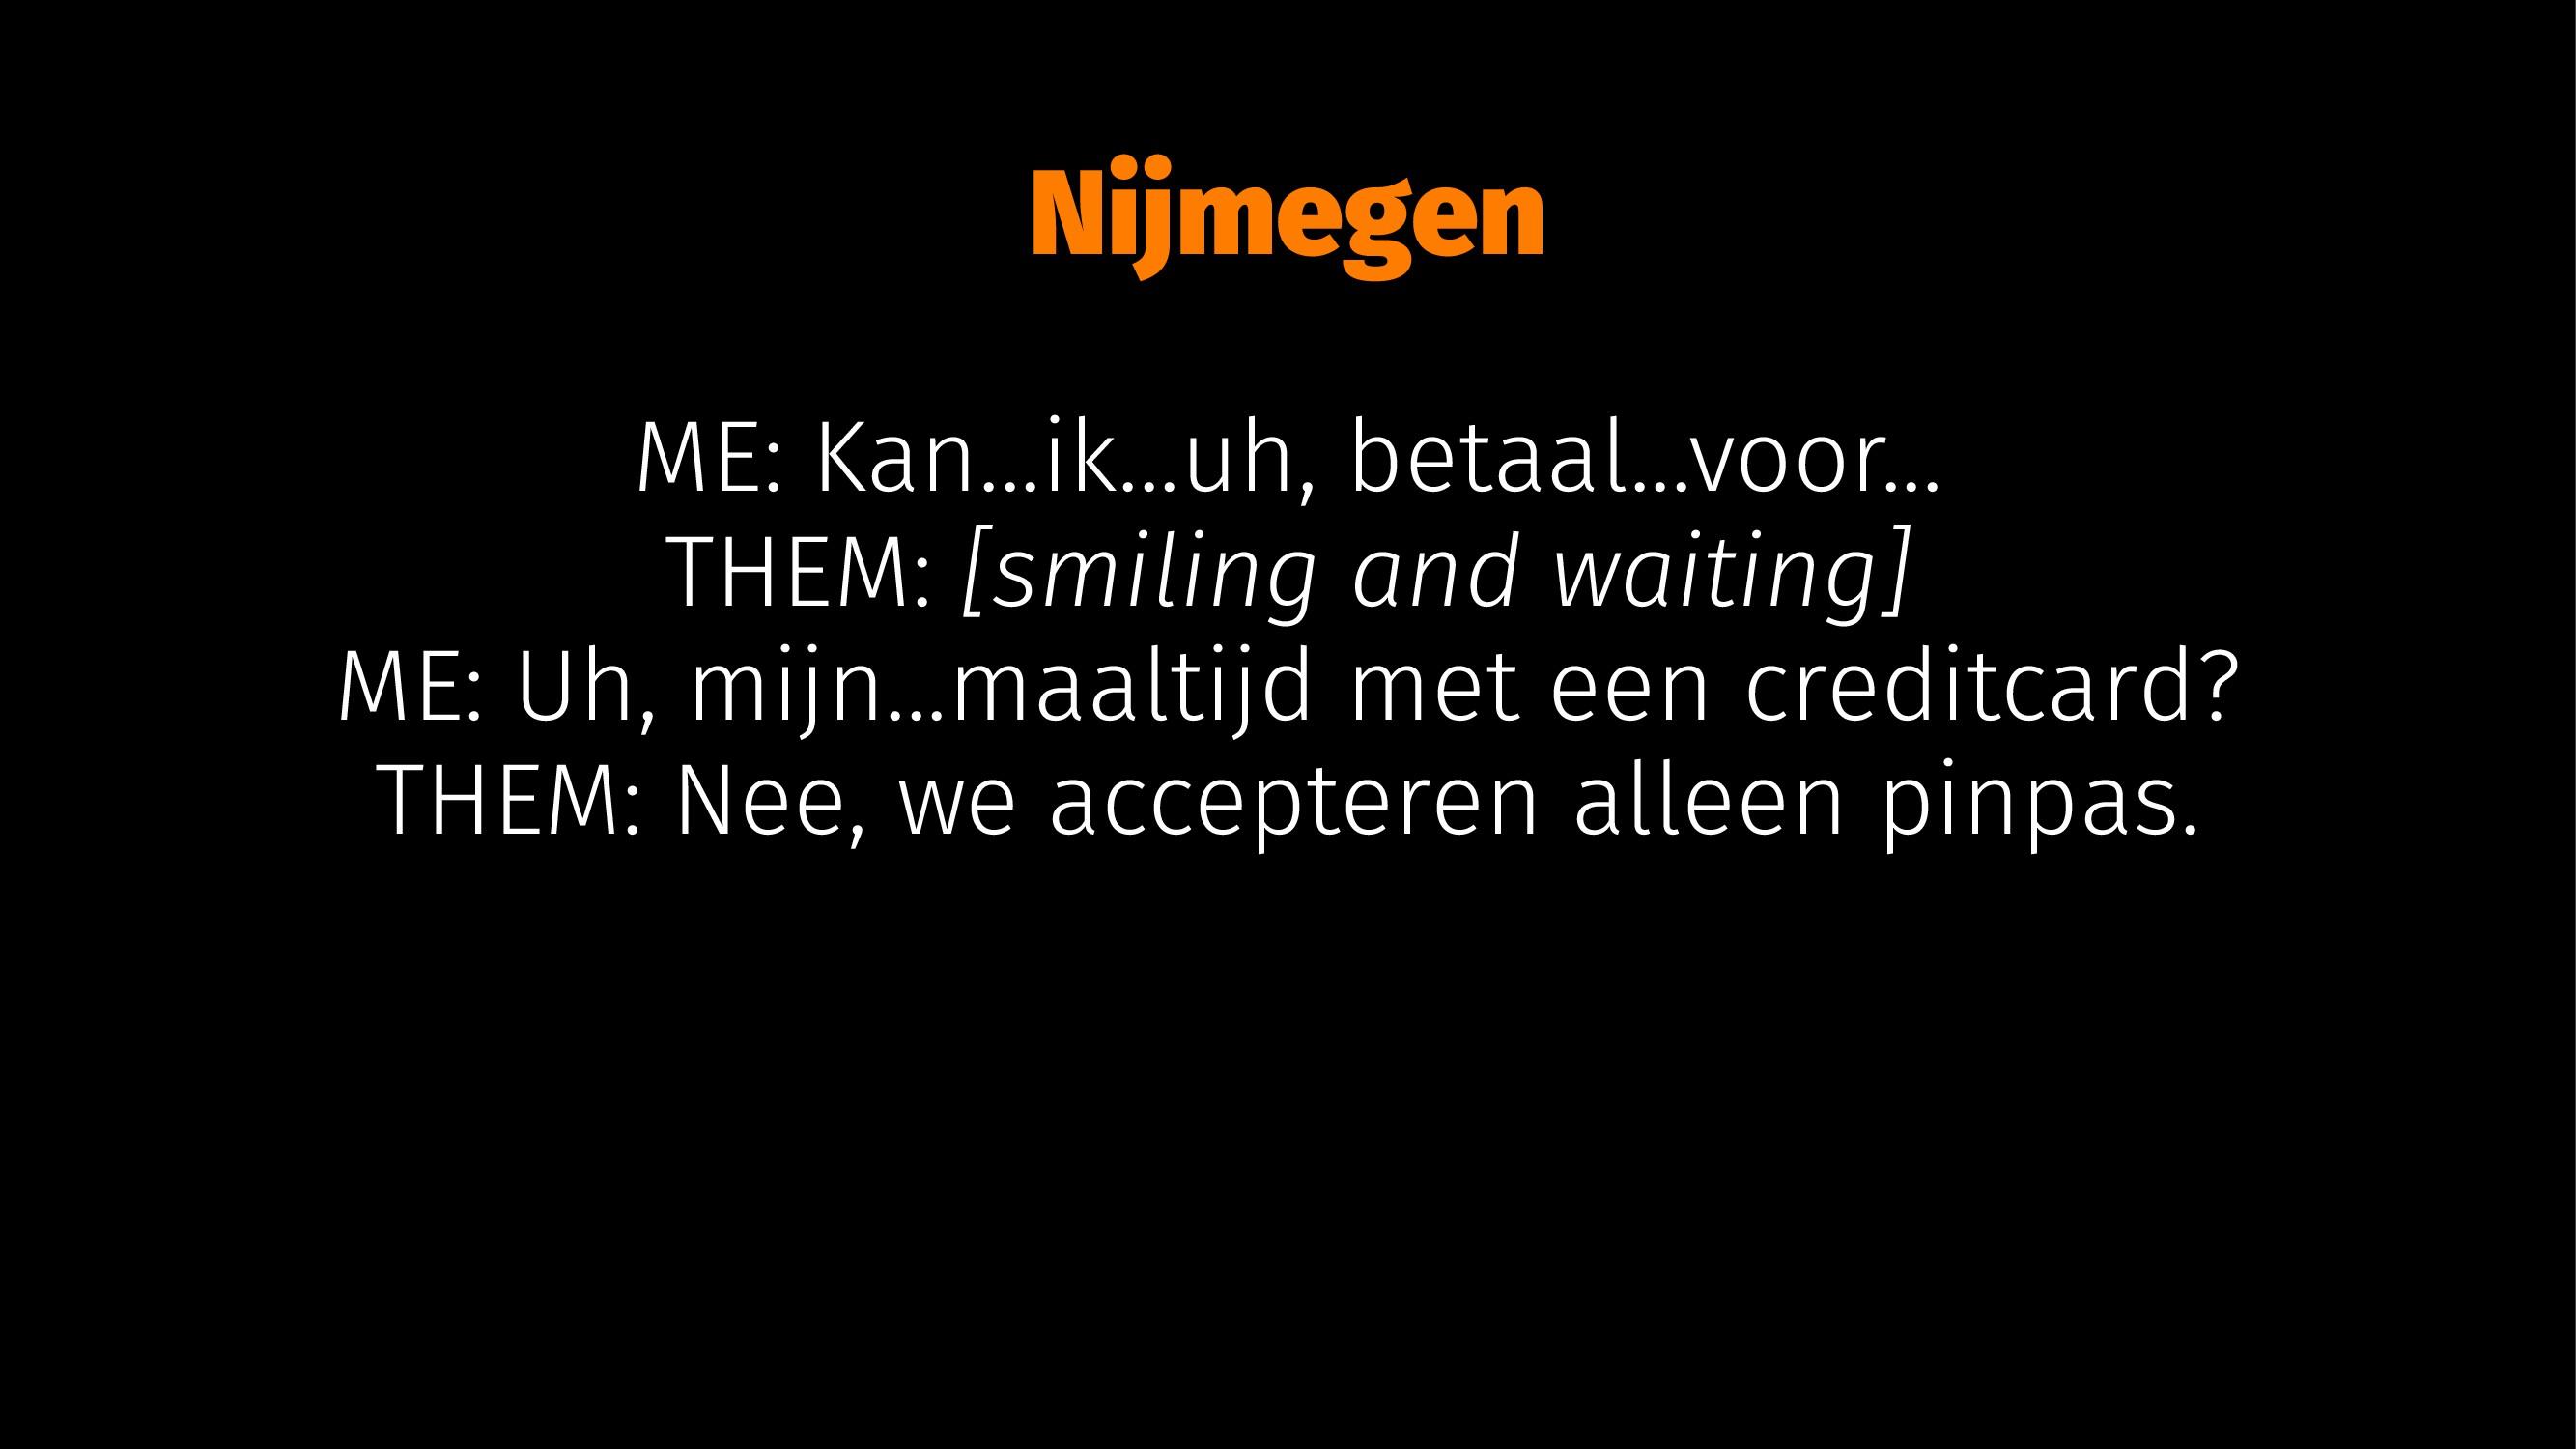 Nijmegen ME: Kan...ik...uh, betaal...voor... TH...